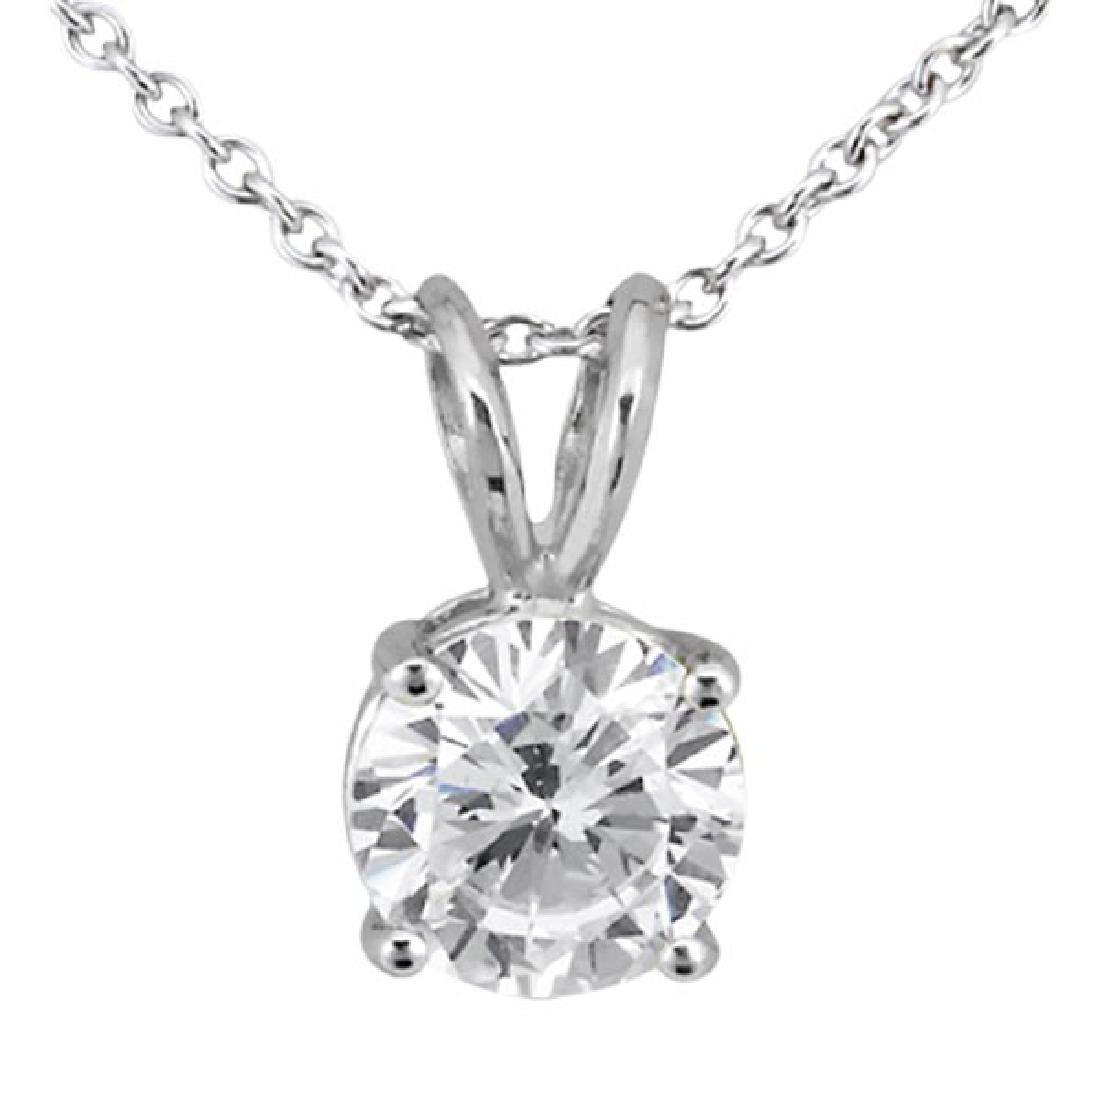 2.00ct. Round Diamond Solitaire Pendant in 18k White Go